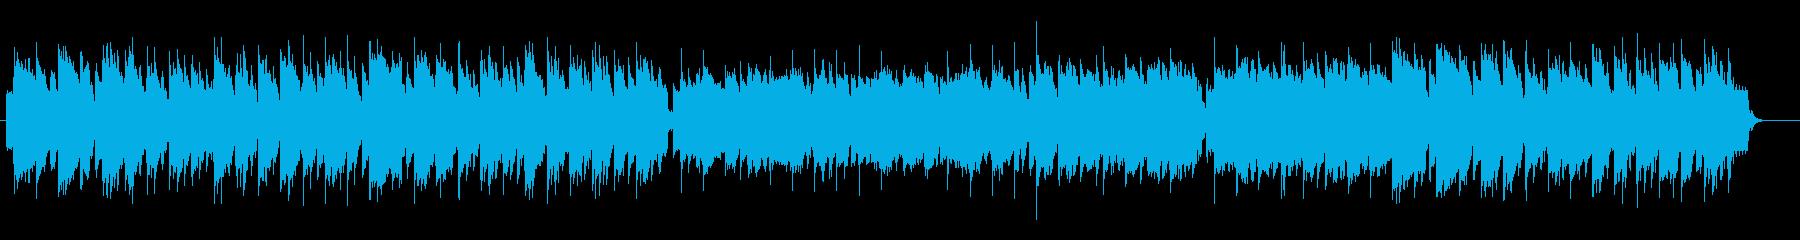 おとぎの世界のようなBGMの再生済みの波形